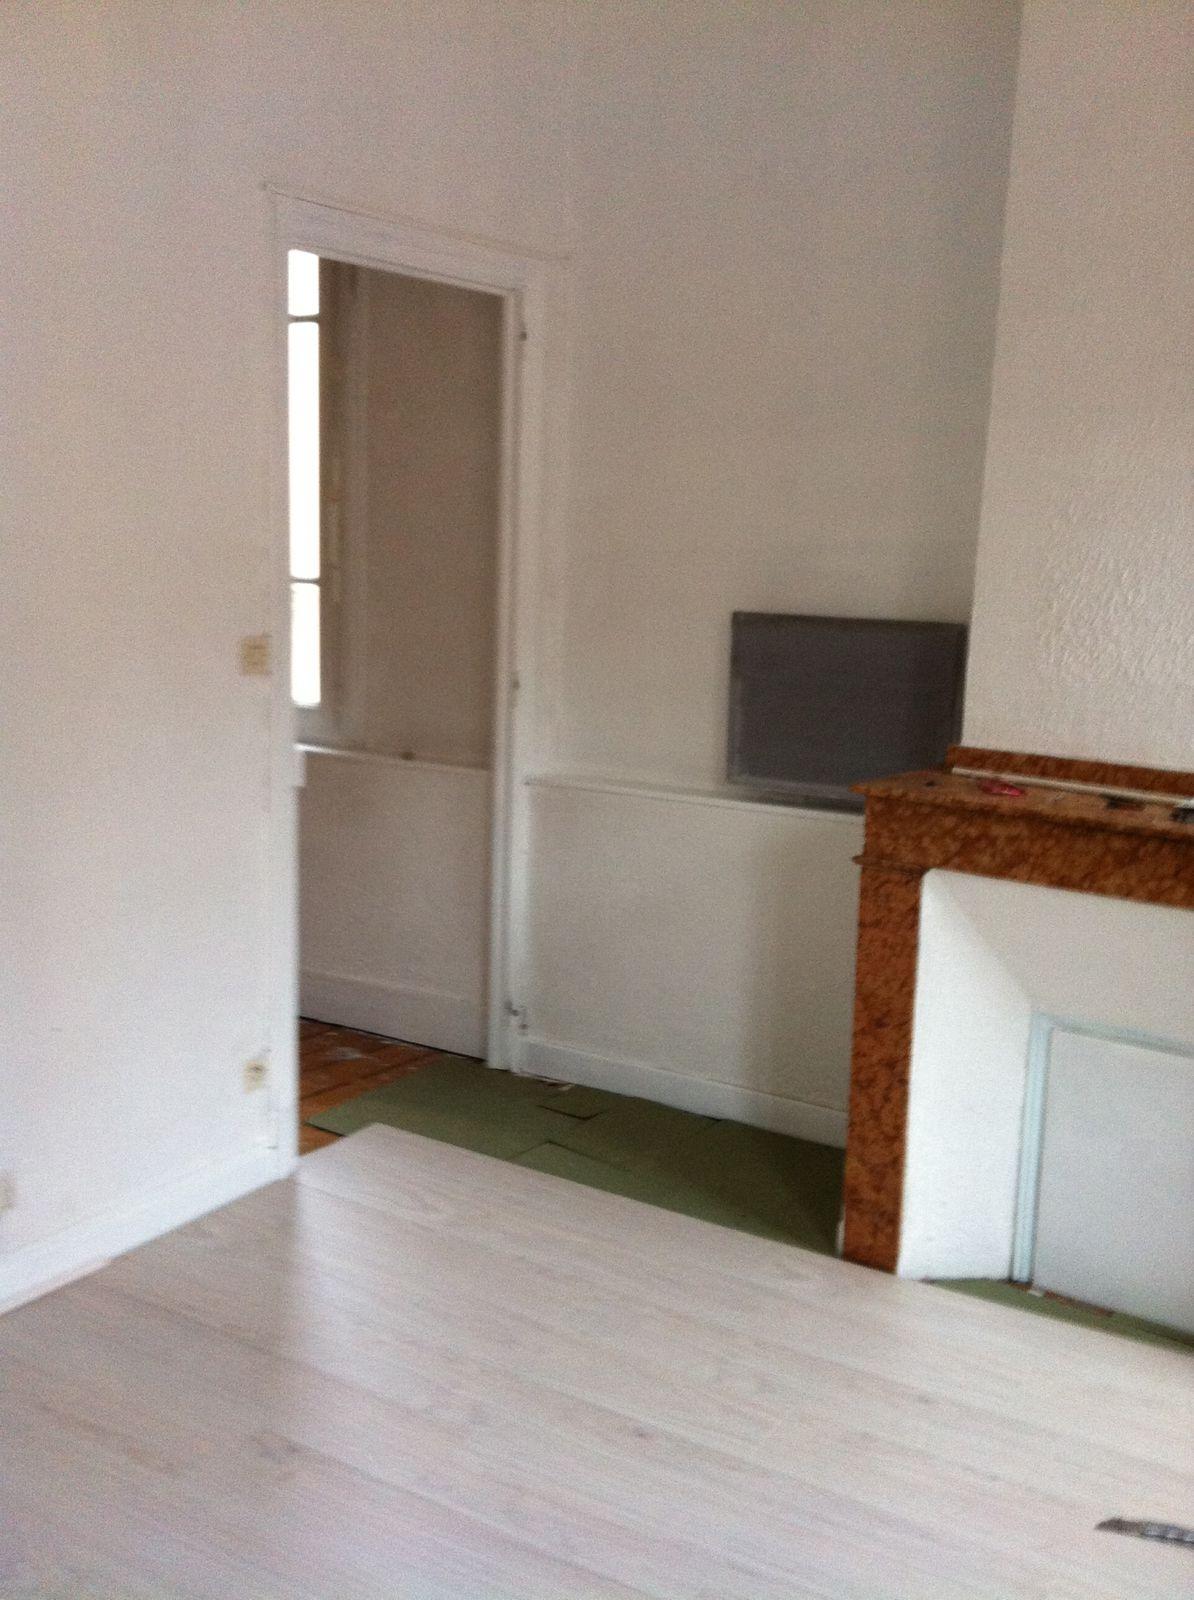 Pose de parquet dans appartement ancien guillemetpatrick - Pose d une chambre implantable ...